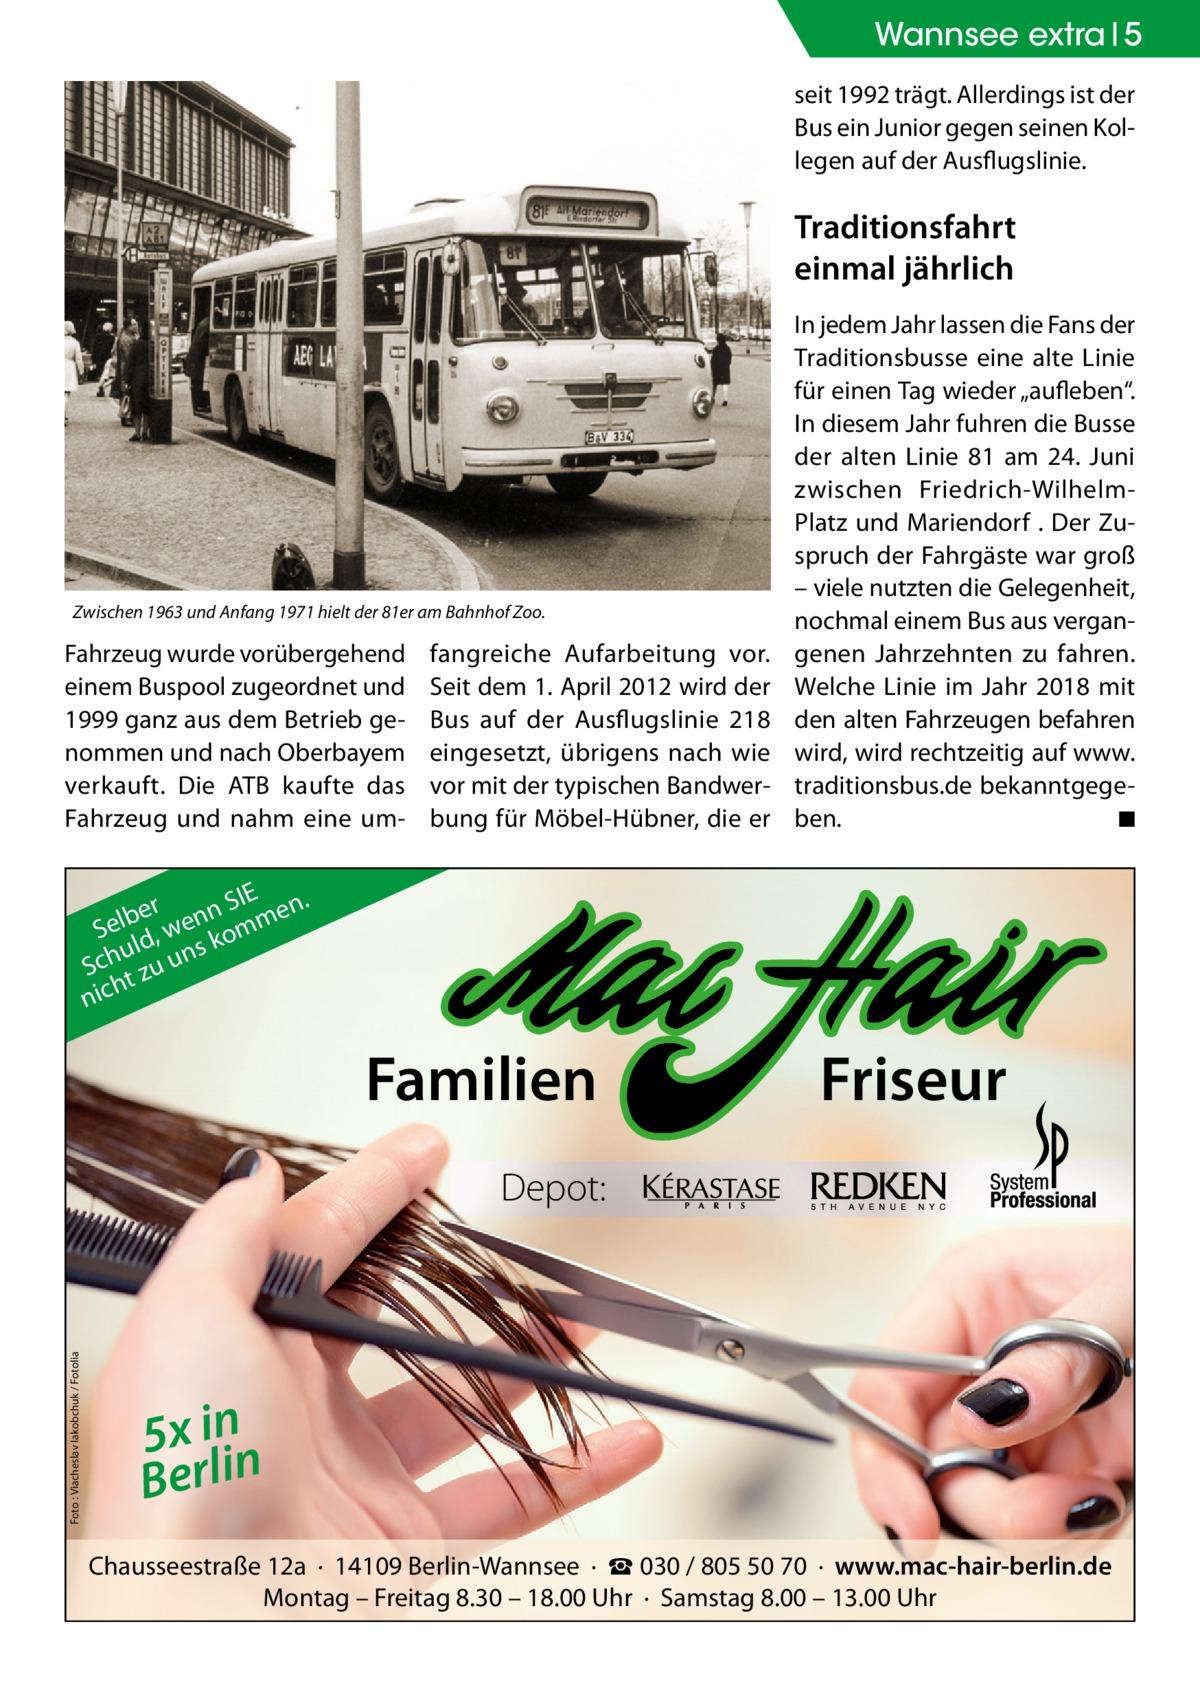 """Wannsee extra 5 seit 1992 trägt. Allerdings ist der Bus ein Junior gegen seinen Kollegen auf der Ausflugslinie.  Traditionsfahrt einmal jährlich  Zwischen 1963 und Anfang 1971 hielt der 81er am Bahnhof Zoo.  Fahrzeug wurde vorübergehend einem Buspool zugeordnet und 1999 ganz aus dem Betrieb genommen und nach Oberbayem verkauft. Die ATB kaufte das Fahrzeug und nahm eine um fangreiche Aufarbeitung vor. Seit dem 1.April 2012 wird der Bus auf der Ausflugslinie 218 eingesetzt, übrigens nach wie vor mit der typischen Bandwerbung für Möbel-Hübner, die er  In jedem Jahr lassen die Fans der Traditionsbusse eine alte Linie für einen Tag wieder """"aufleben"""". In diesem Jahr fuhren die Busse der alten Linie 81 am 24. Juni zwischen Friedrich-WilhelmPlatz und Mariendorf . Der Zuspruch der Fahrgäste war groß – viele nutzten die Gelegenheit, nochmal einem Bus aus vergangenen Jahrzehnten zu fahren. Welche Linie im Jahr 2018 mit den alten Fahrzeugen befahren wird, wird rechtzeitig auf www. traditionsbus.de bekanntgegeben. � ◾  . SIE ber enn mmen l e S ld, w ko s u Sch t zu un h nic  Familien  Friseur  Foto : Viacheslav Iakobchuk / Fotolia  Depot:  5x inn Berli Chausseestraße 12a · 14109 Berlin-Wannsee · ☎ 030 / 805 50 70 · www.mac-hair-berlin.de Montag – Freitag 8.30 – 18.00 Uhr · Samstag 8.00 – 13.00 Uhr"""